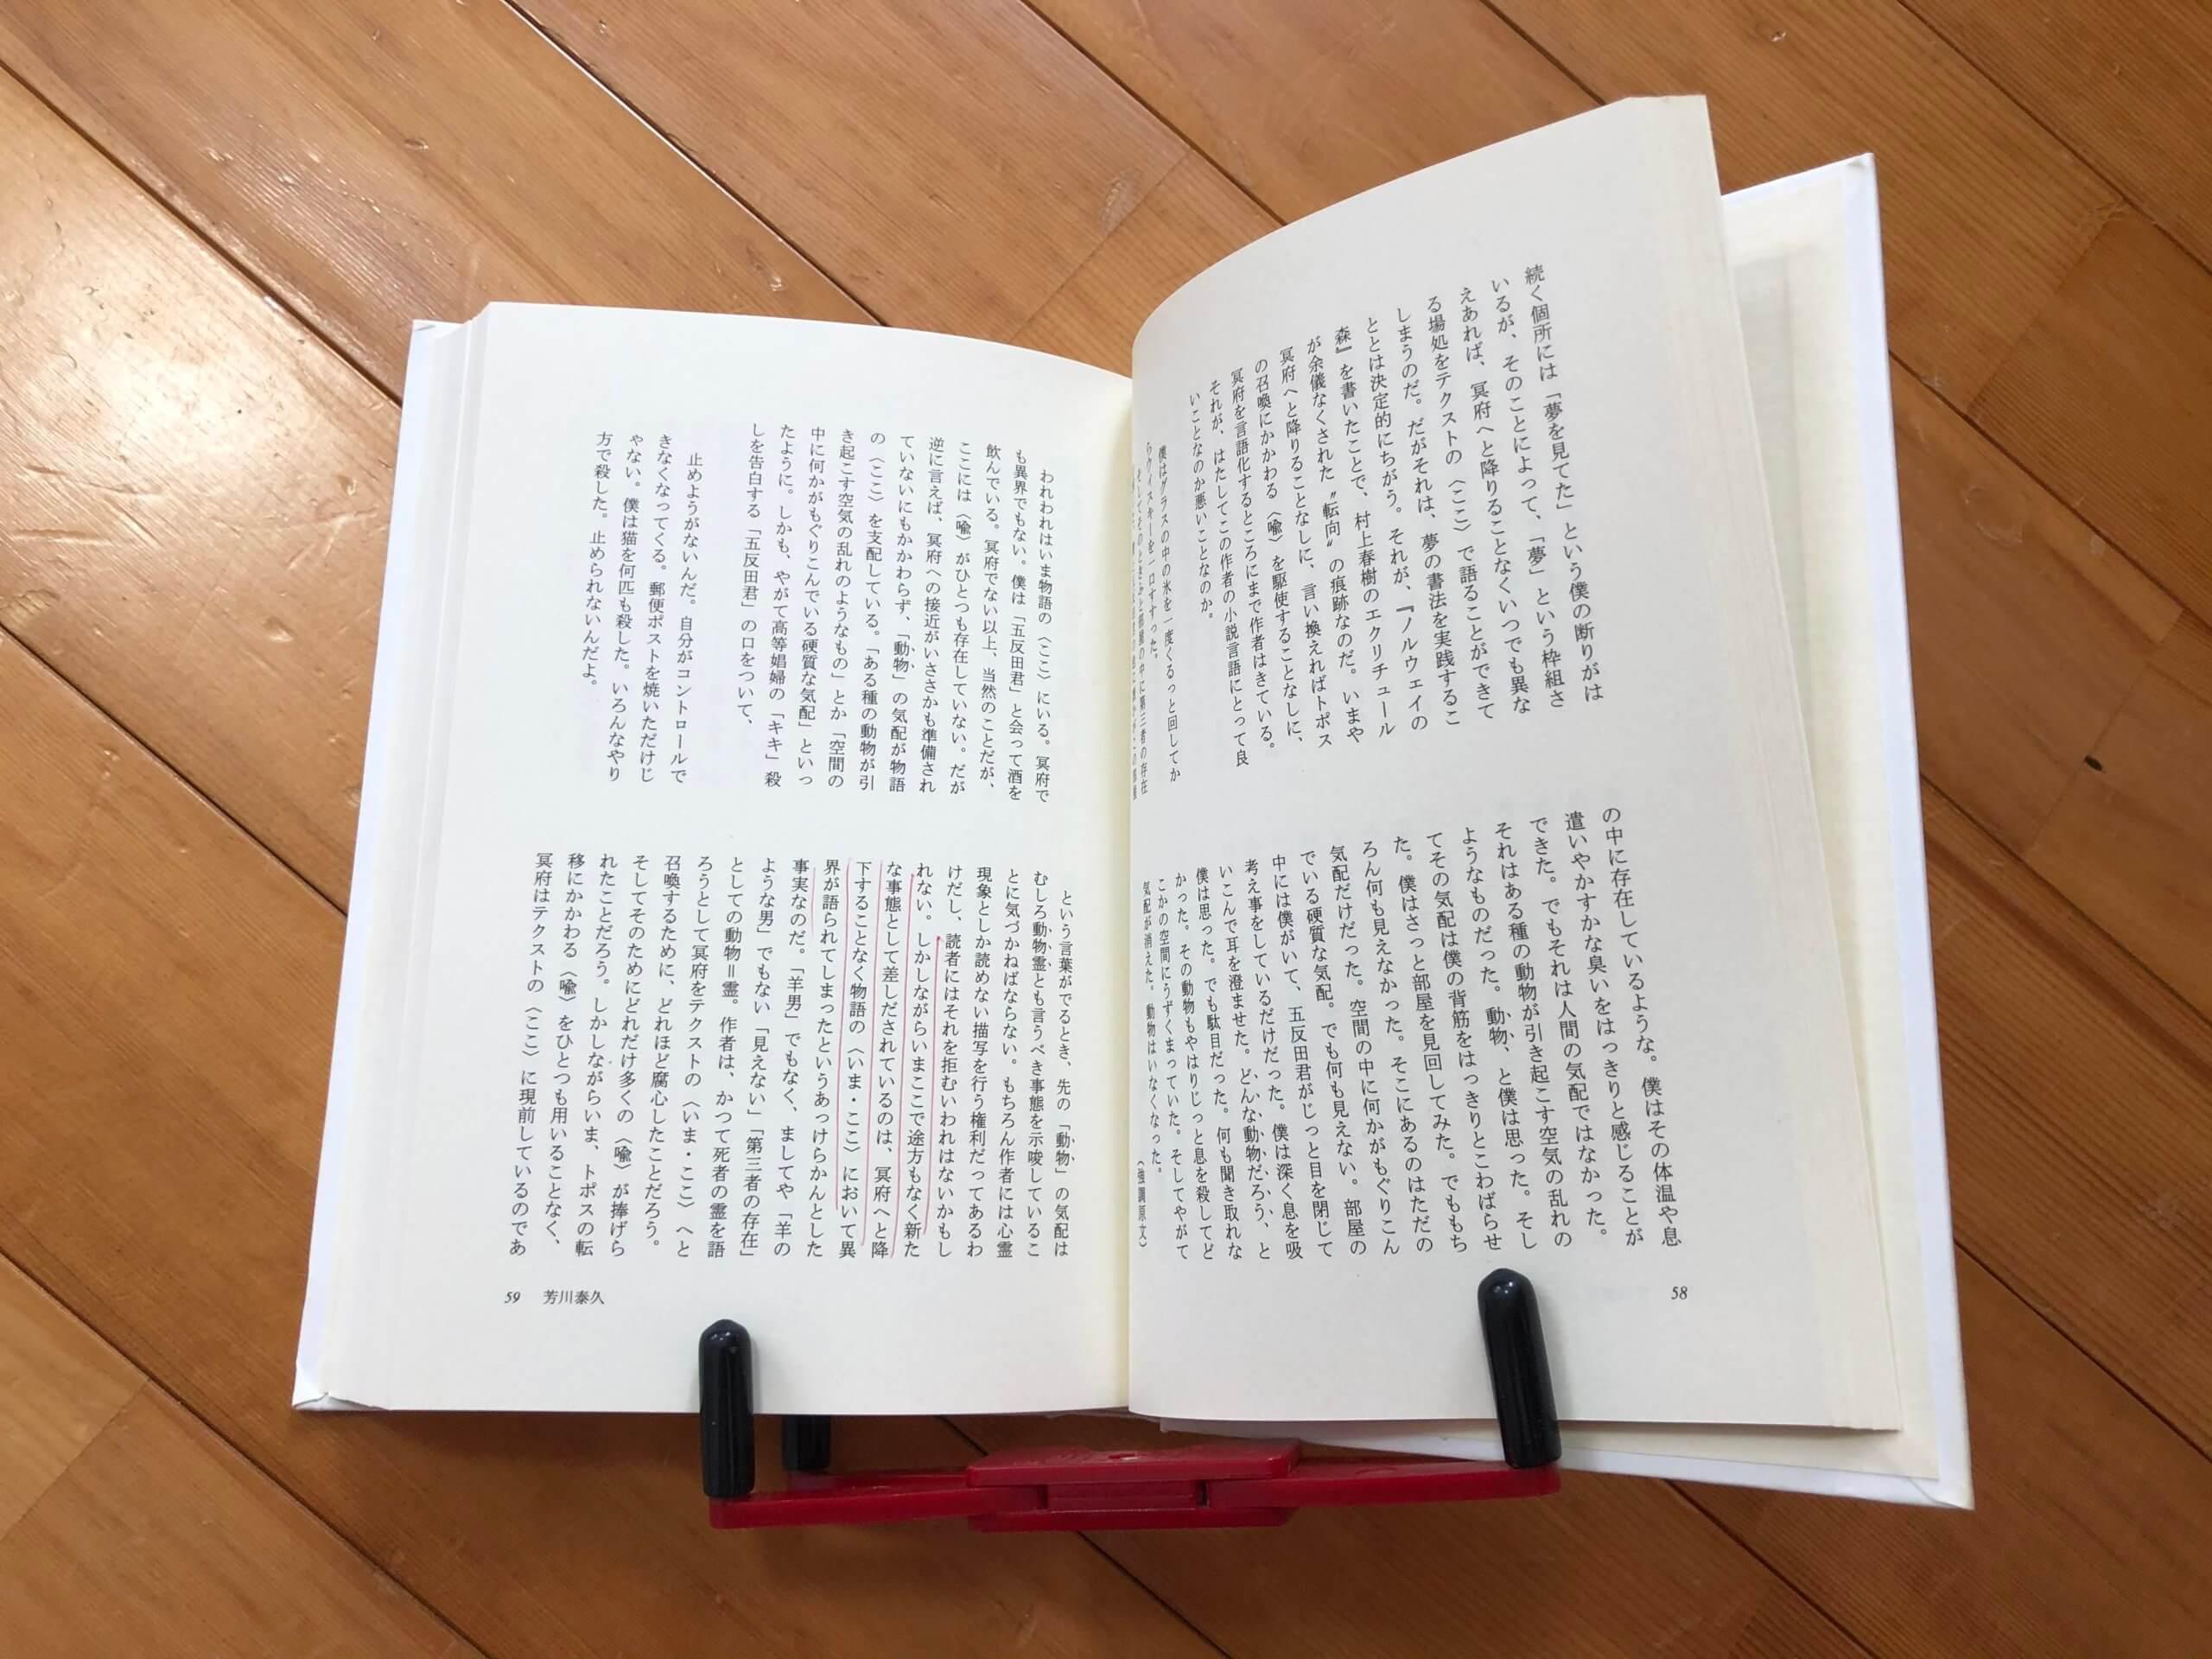 22円本 中身